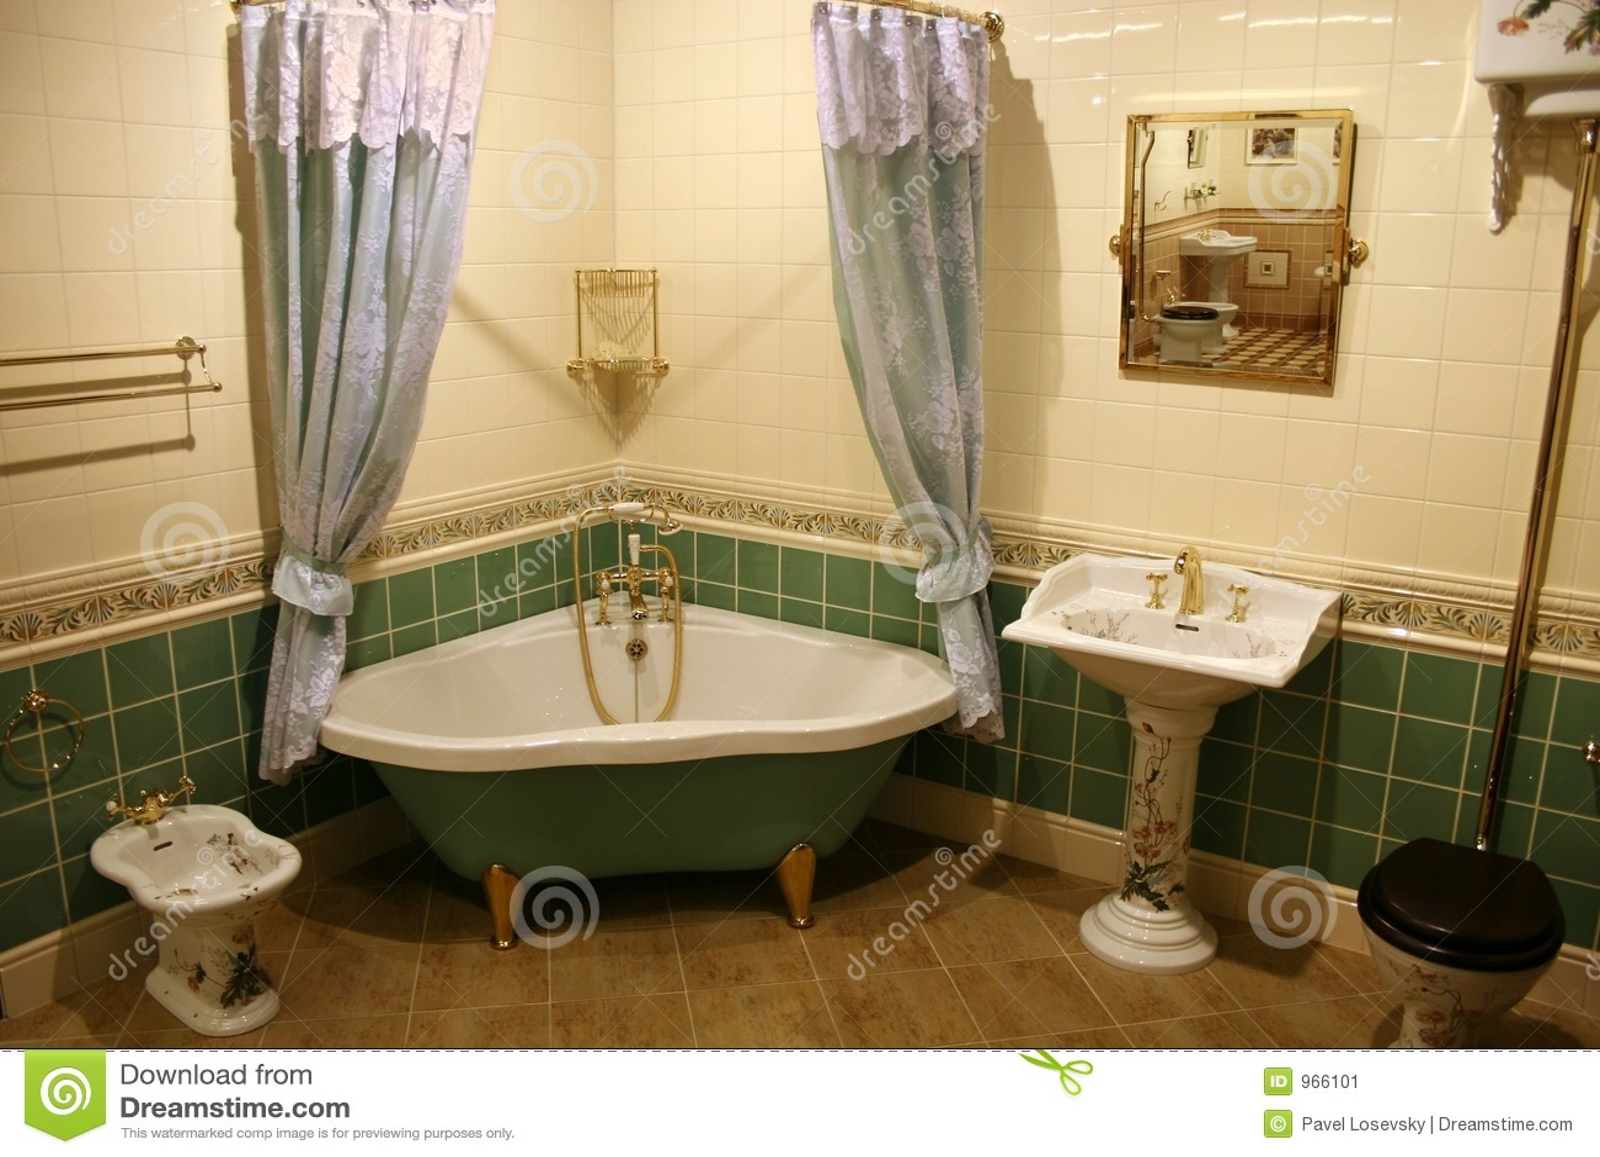 Stanza Da Bagno Verde 2 Immagine Stock - Immagine: 966101